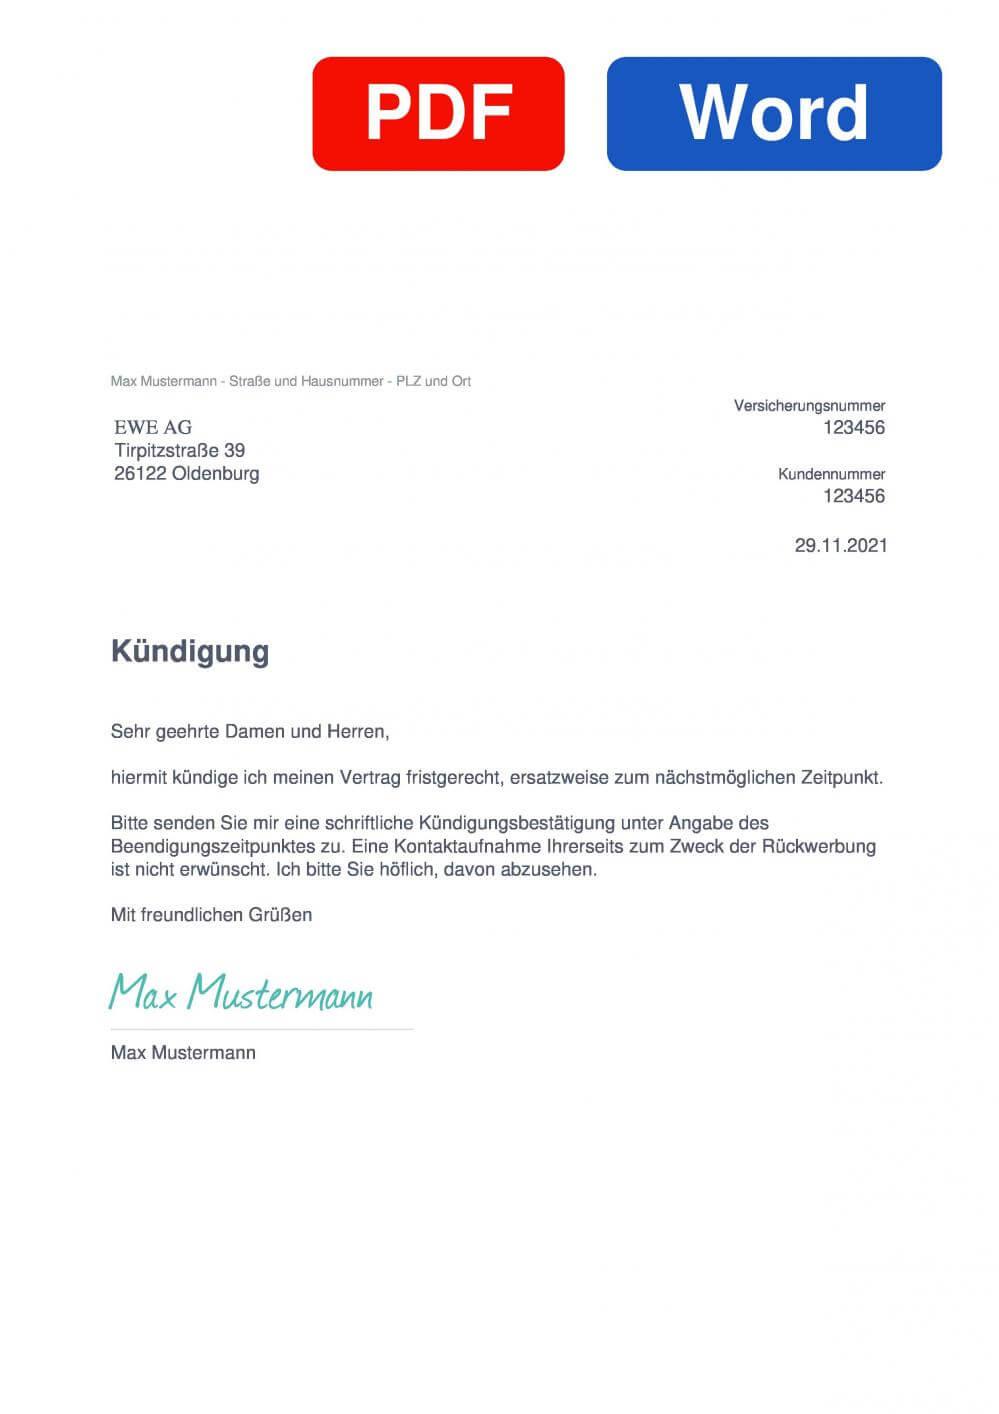 EWE Gas Muster Vorlage für Kündigungsschreiben